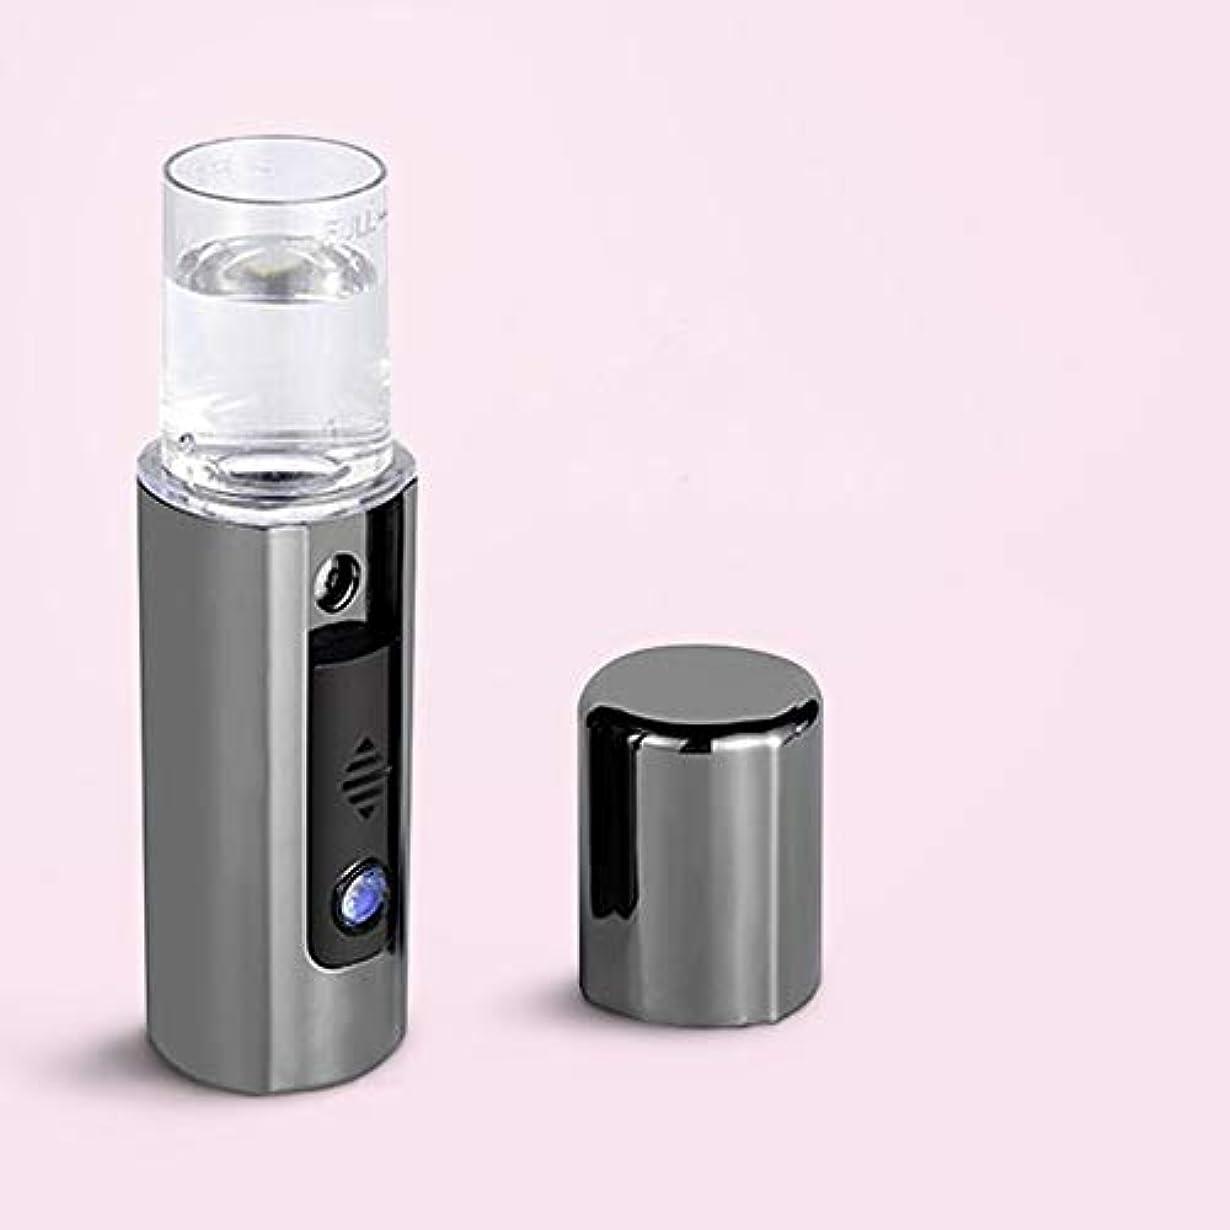 実証するペース最もZXF ポータブルナノスプレー美容器具蒸し顔ポータブルフェイシャルコールドスプレー器具保湿水道メーター 滑らかである (色 : Black)